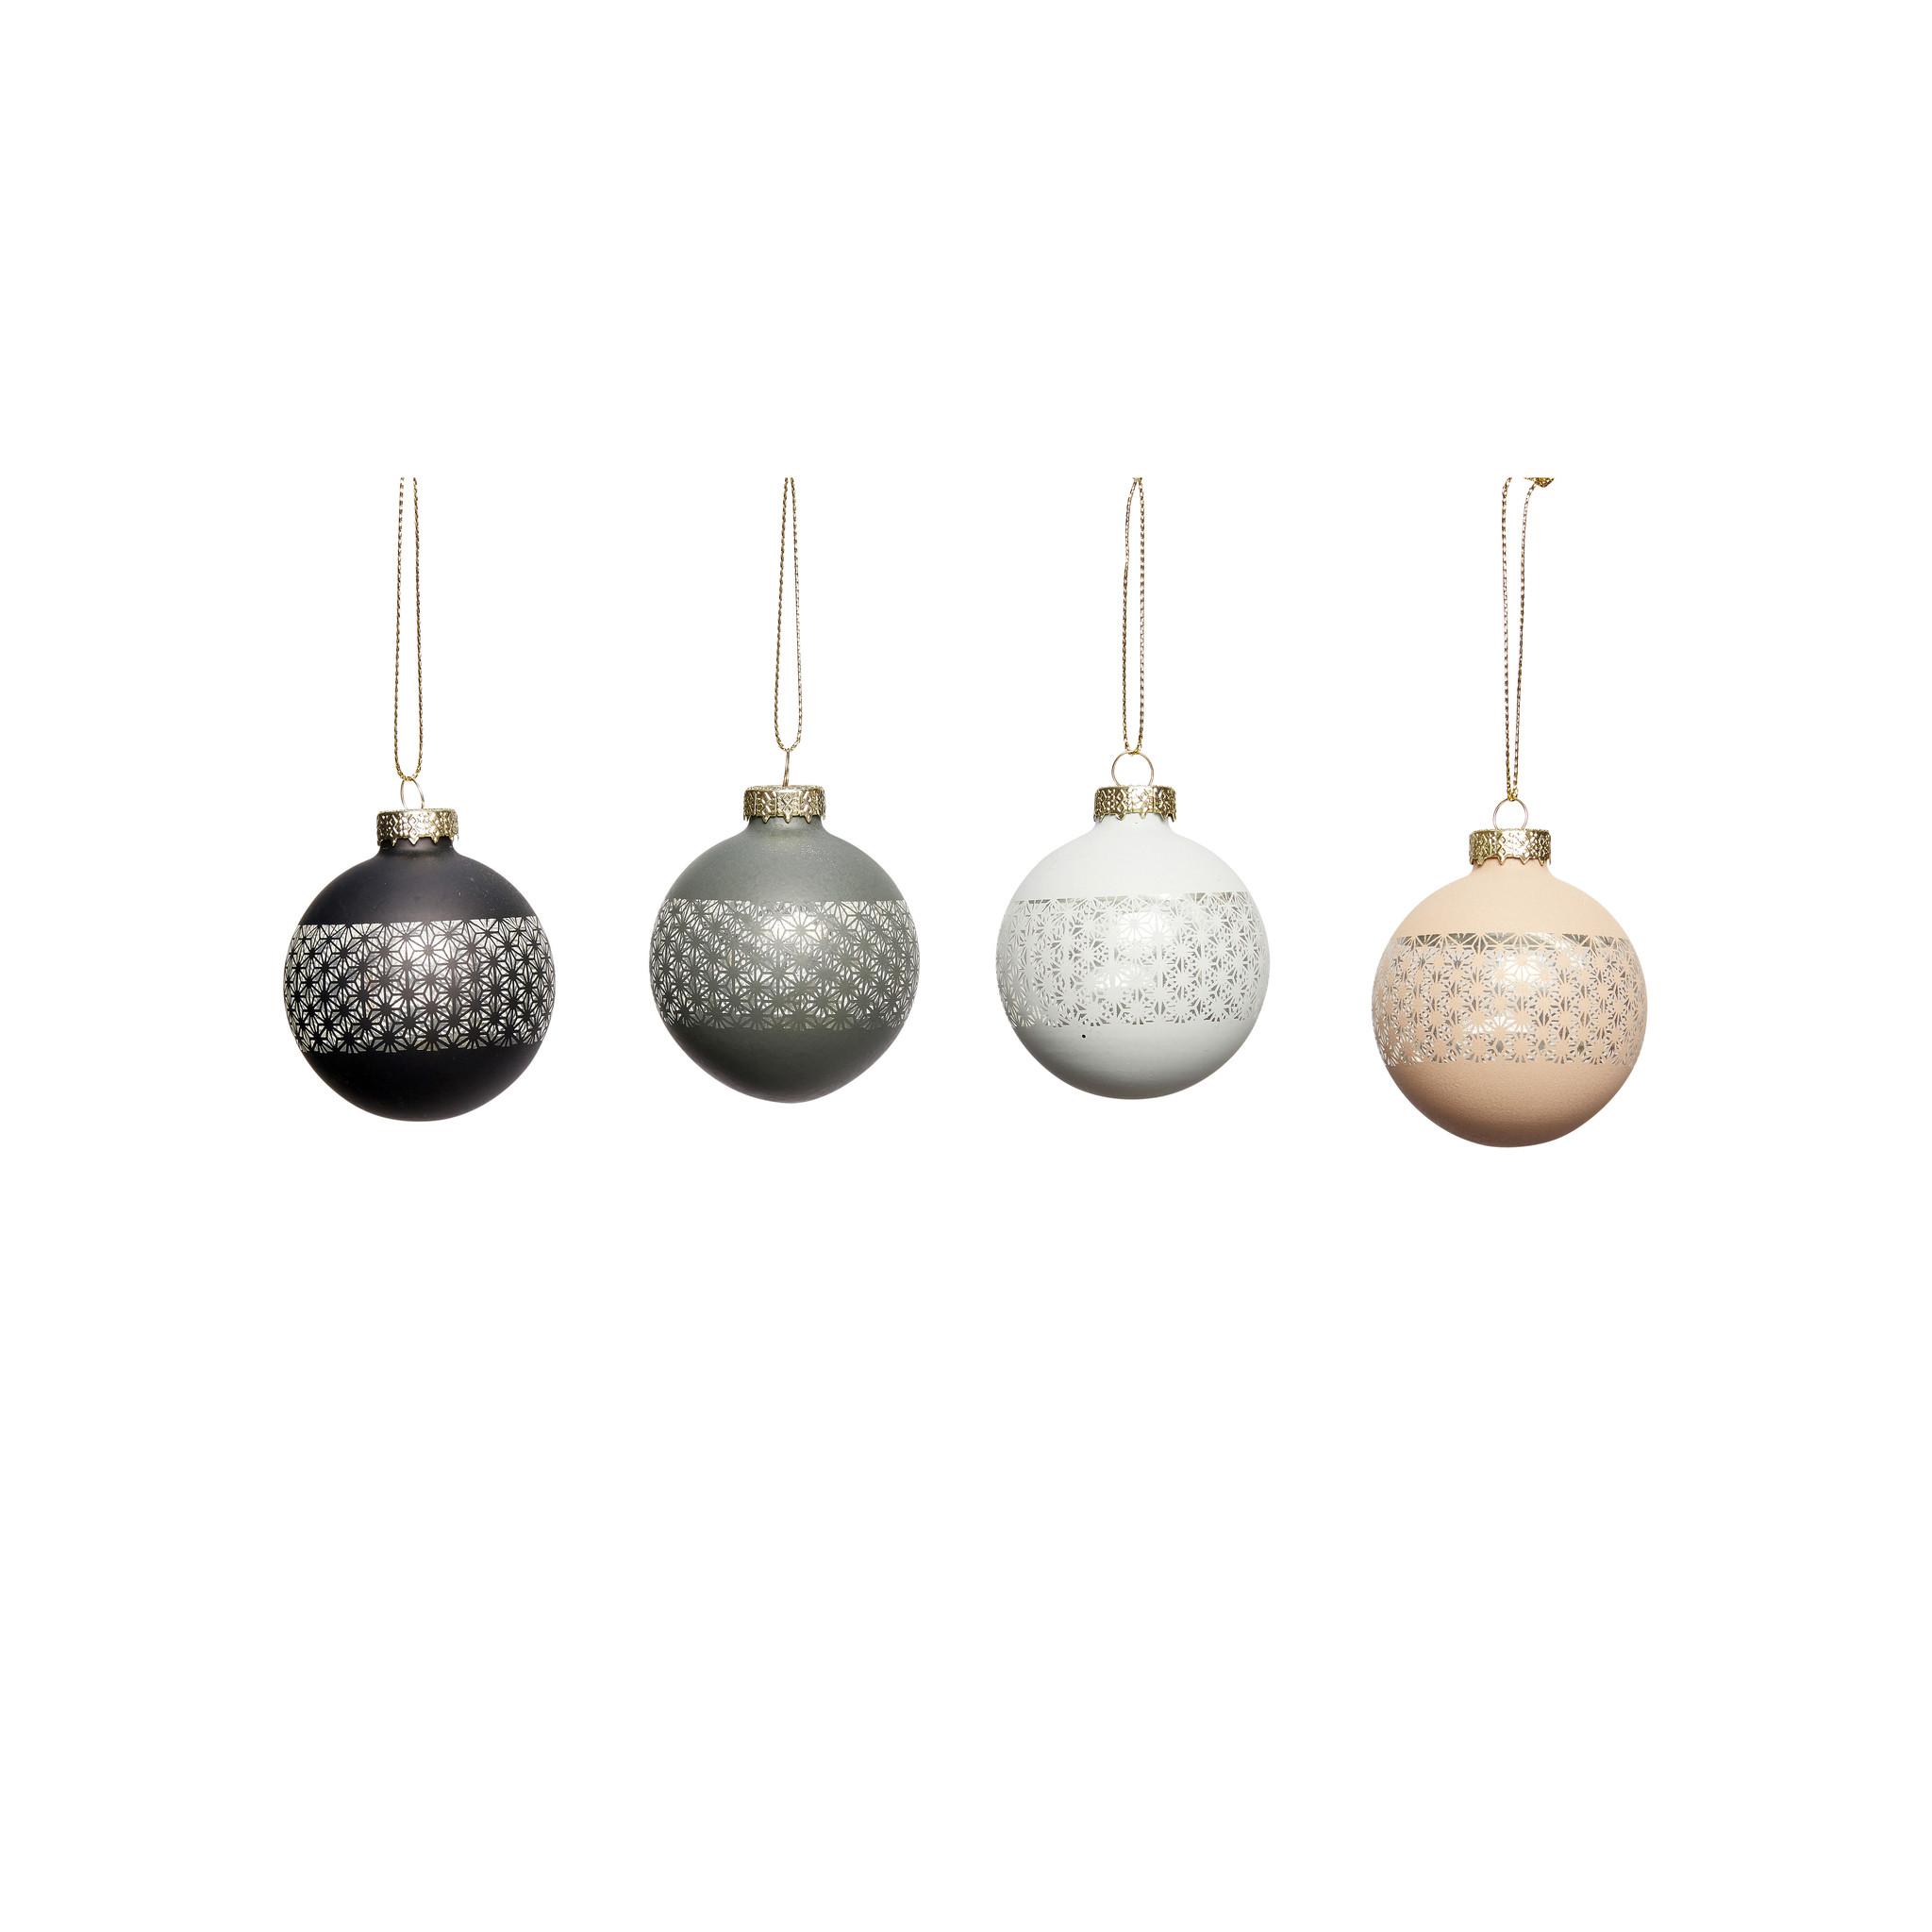 Hubsch Kerstbal, kunststof, zwart / blauw / donkerblauw / roze, klein, set van 4